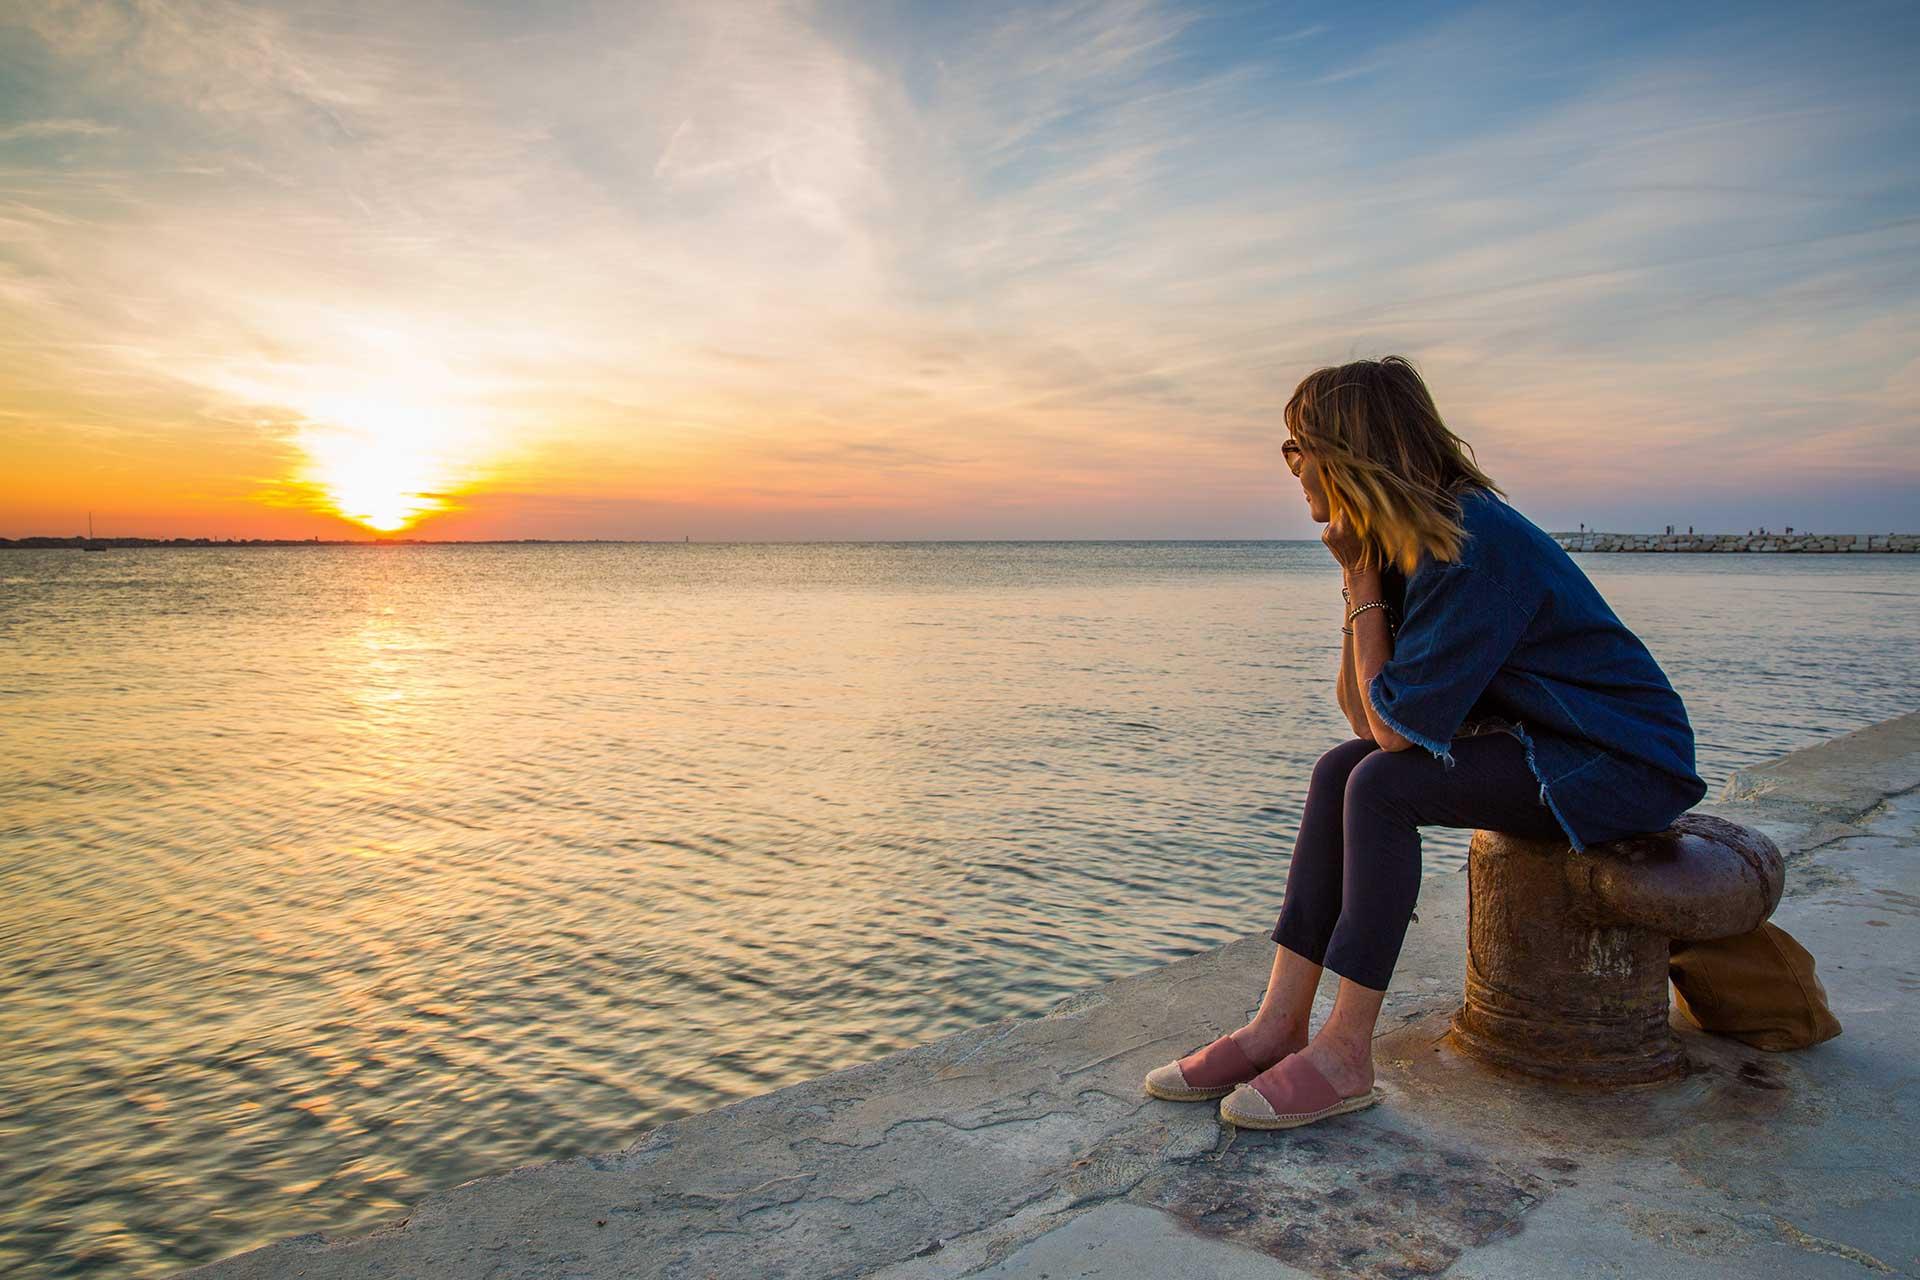 Tramonto best sunset experiences in romagna e non solo for Foto di zig e sharko